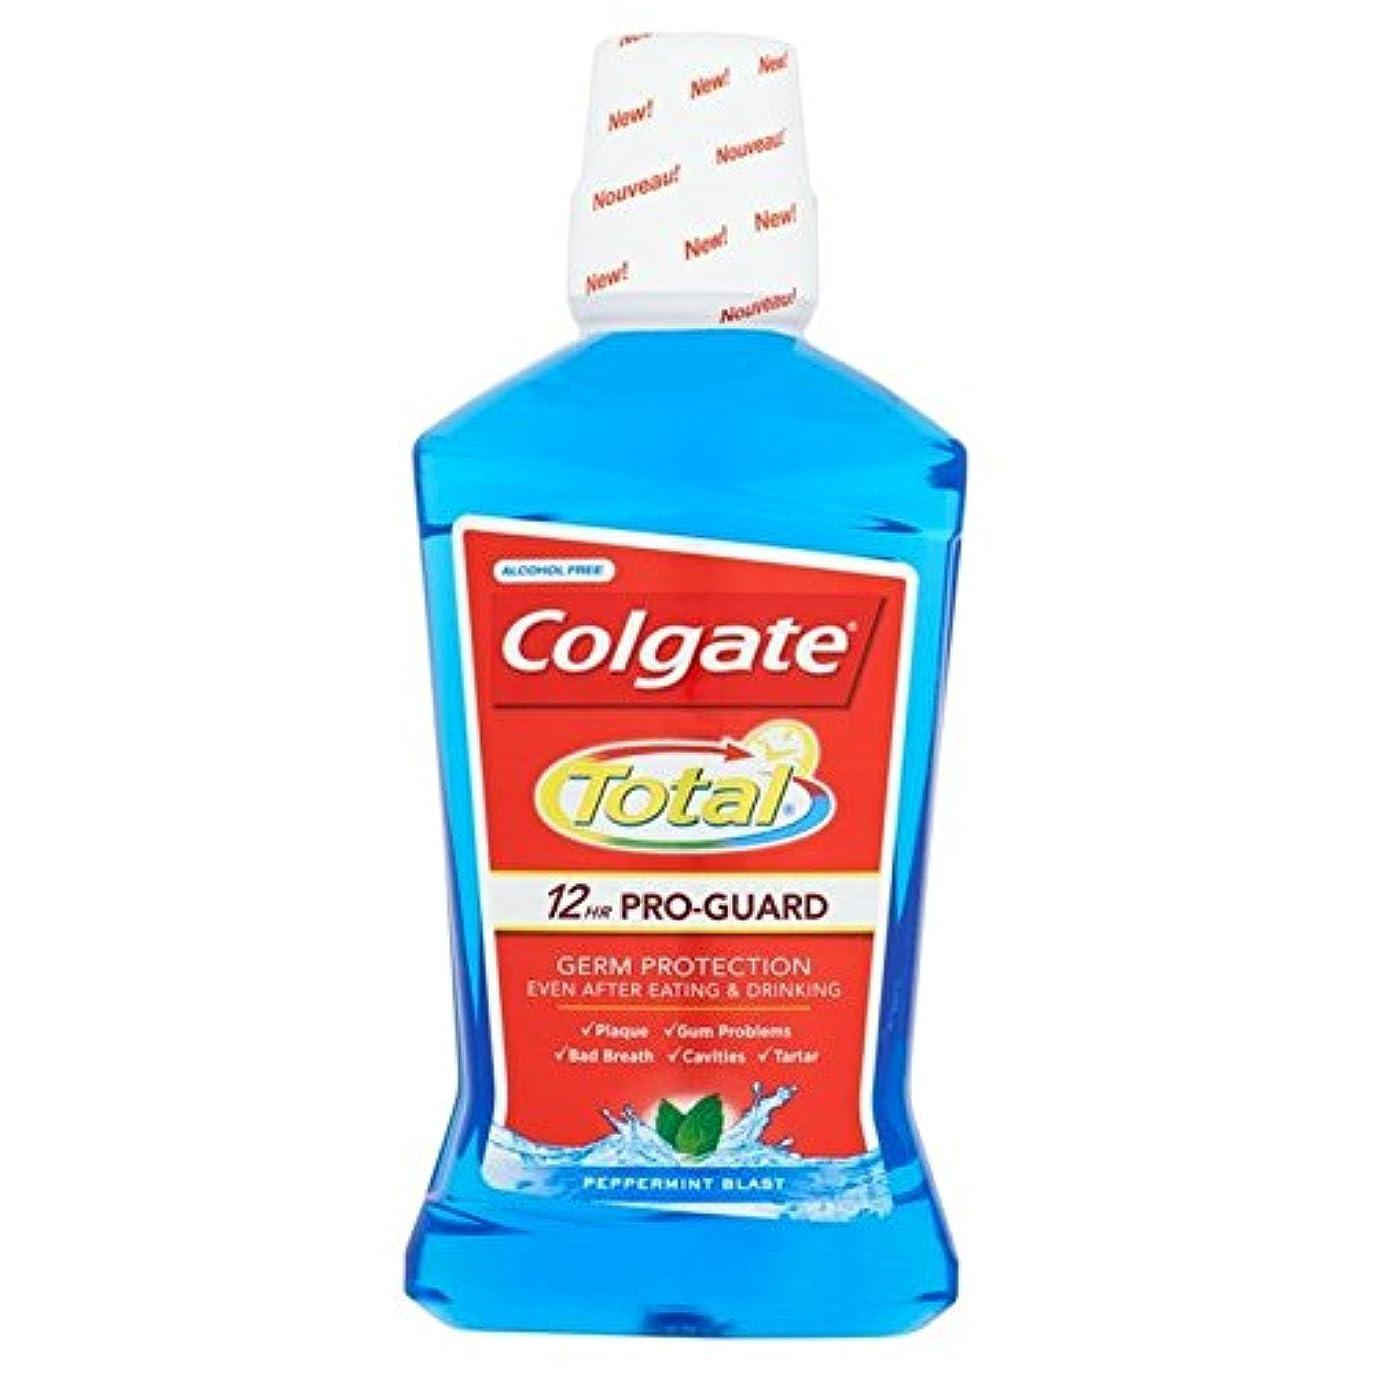 第四彼女対称コルゲートトータル高度なブルーマウスウォッシュ500ミリリットル x4 - Colgate Total Advanced Blue Mouthwash 500ml (Pack of 4) [並行輸入品]